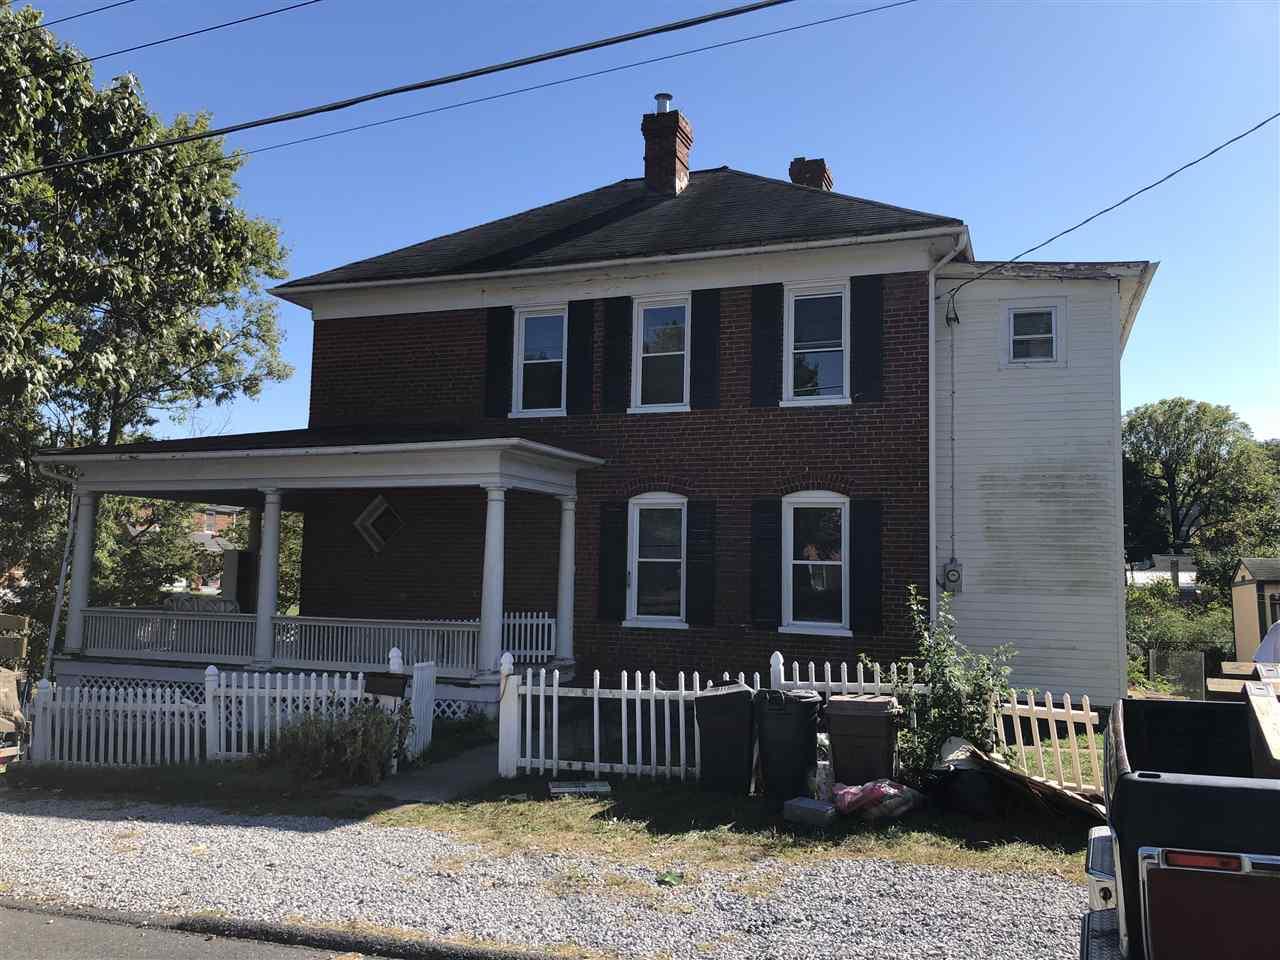 924 Springhill Rd, Staunton, VA, 24401